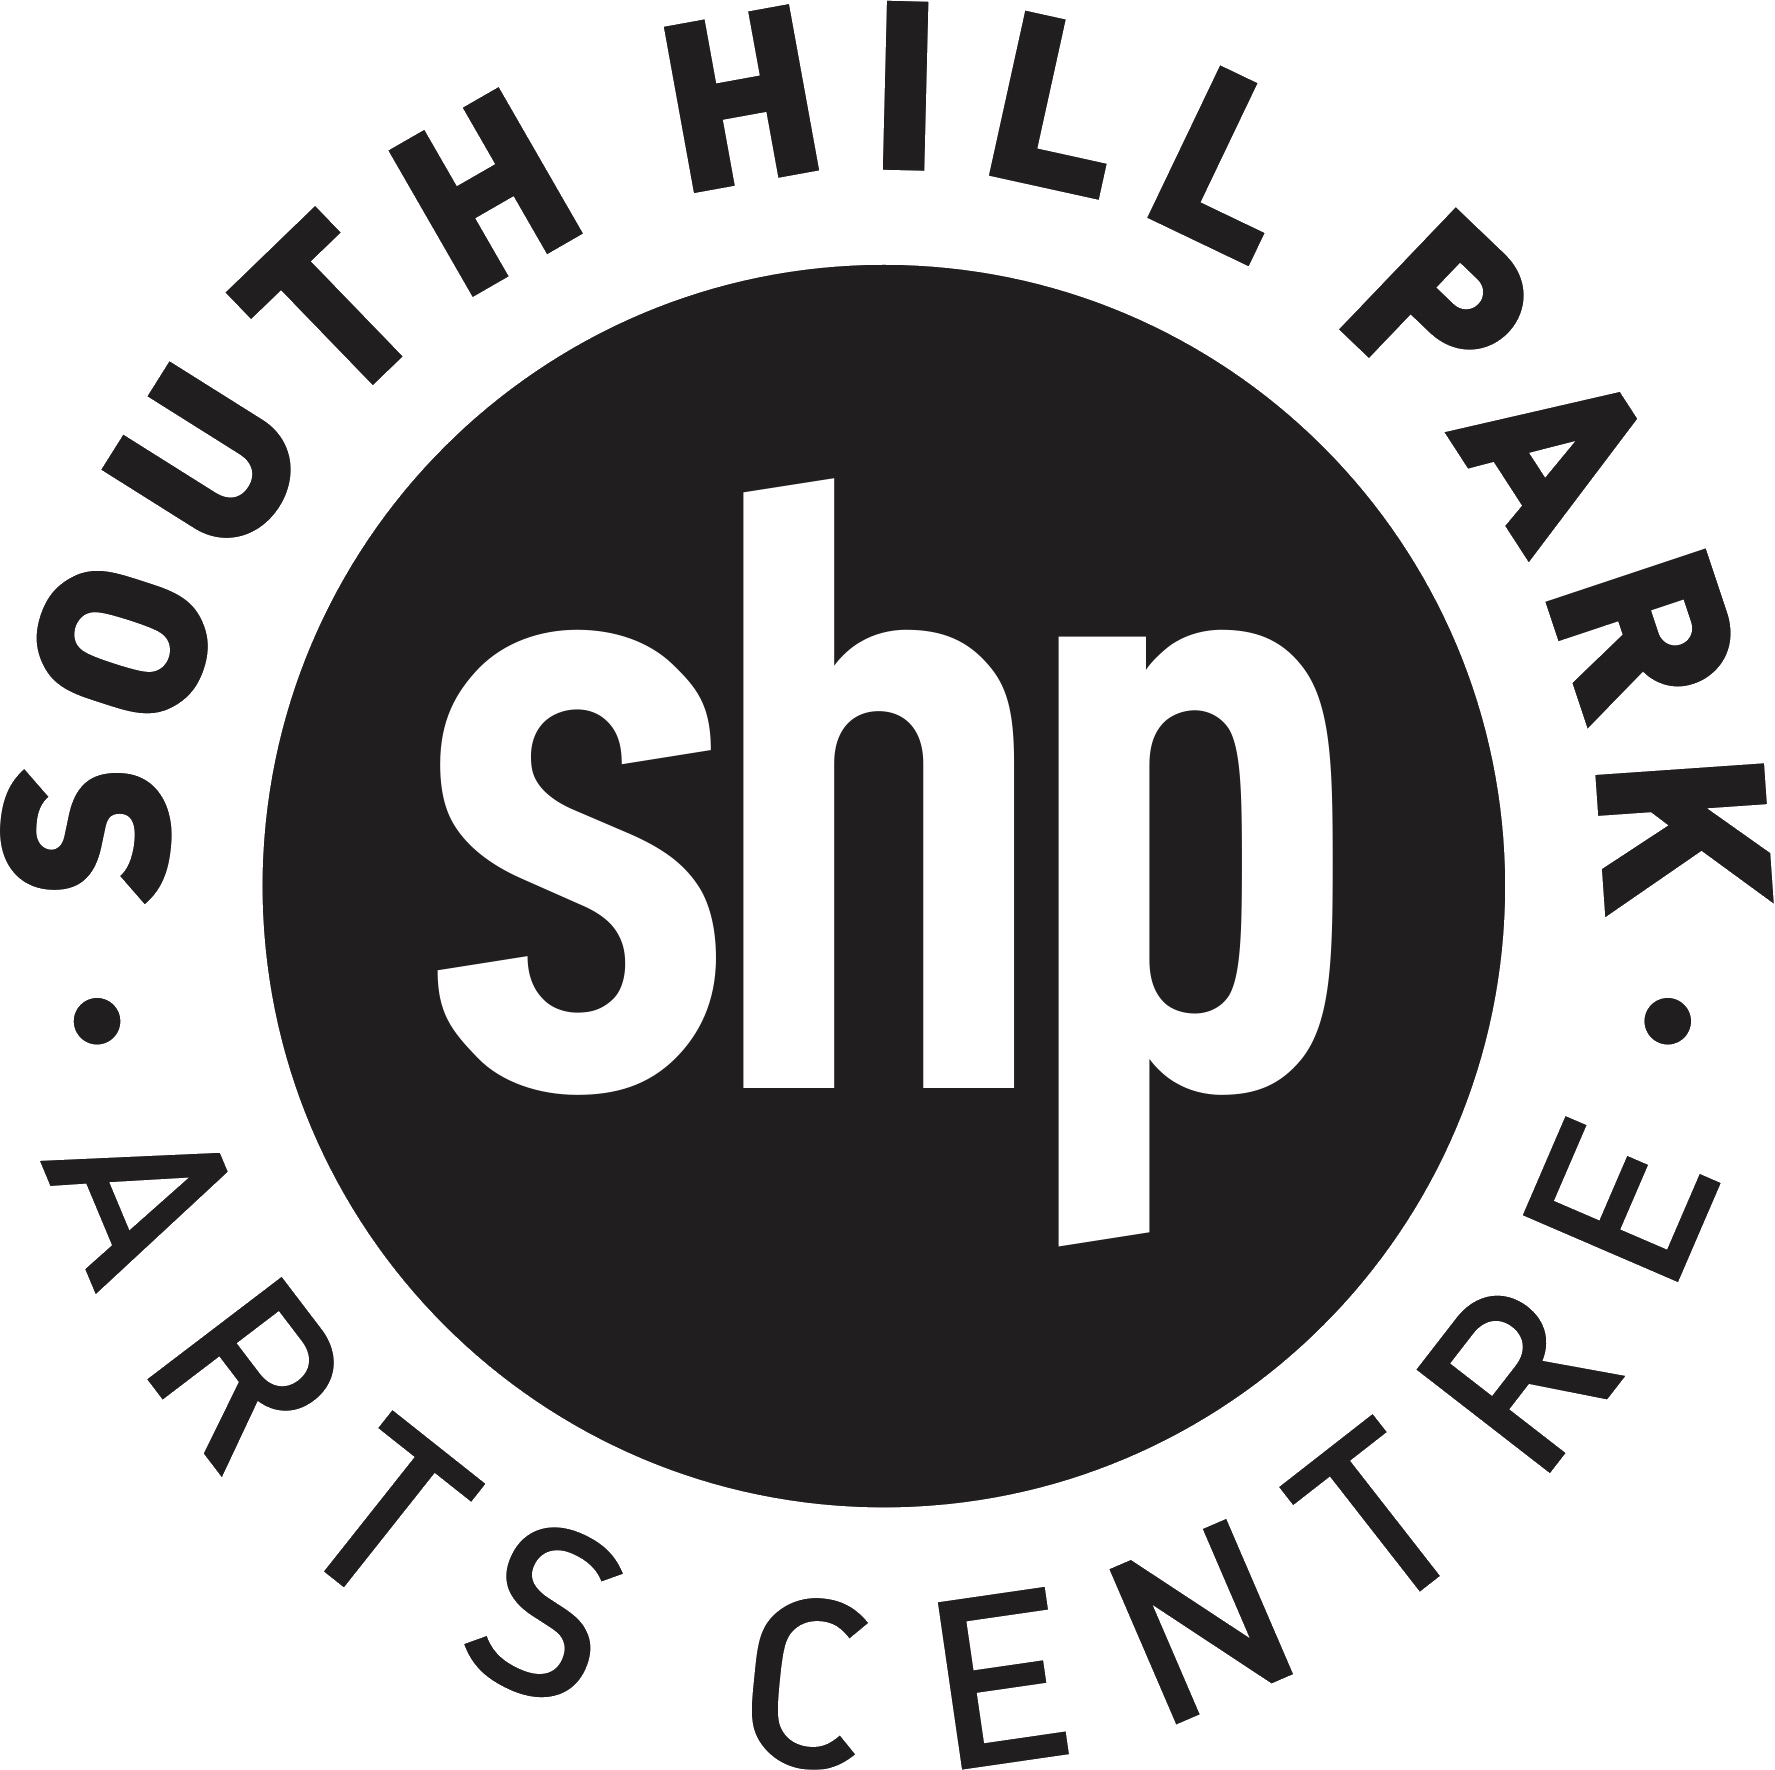 shp_logo_outline_black_1.png